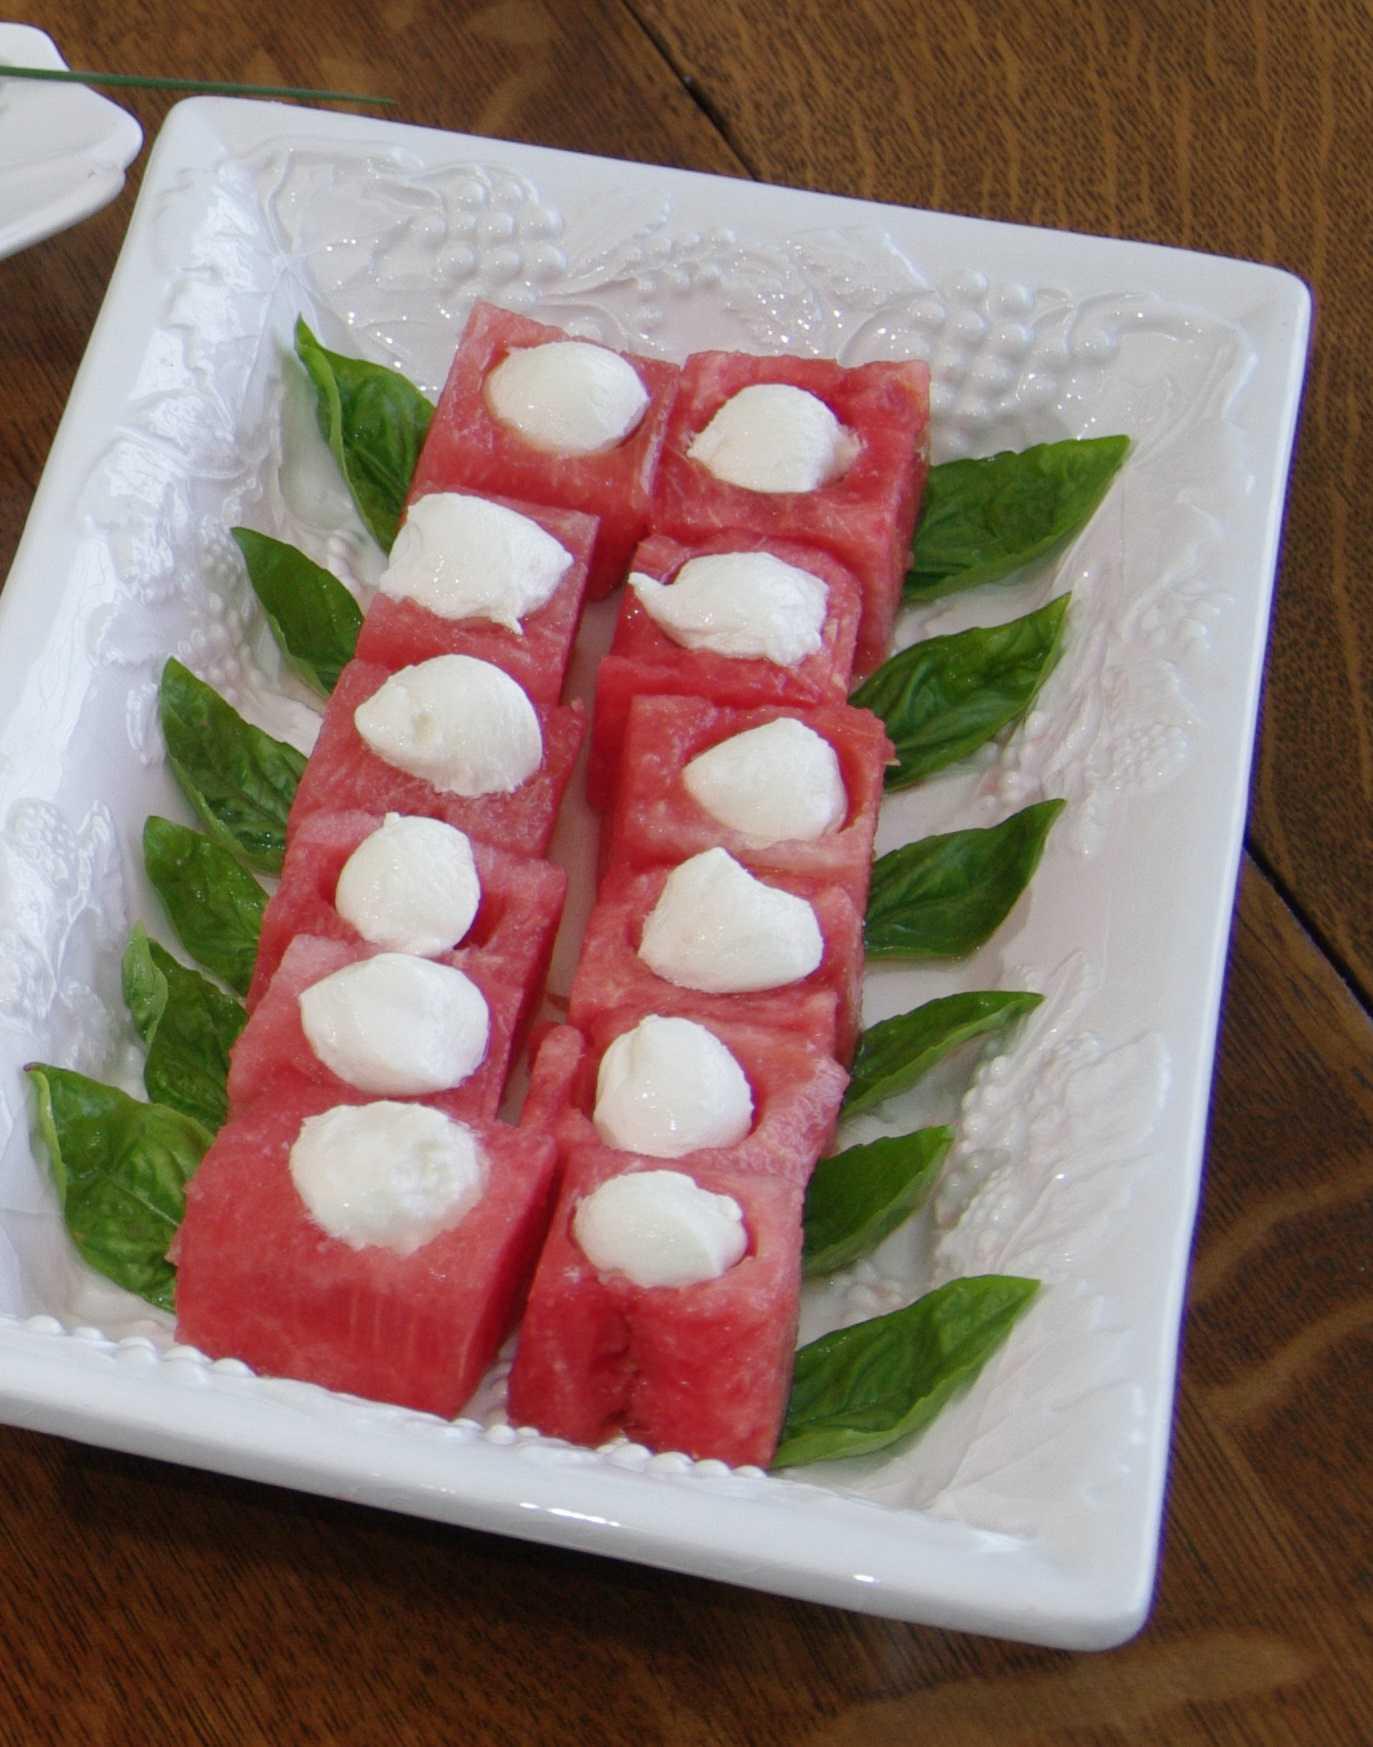 Easy Watermelon and Mozzarella Salad Recipe